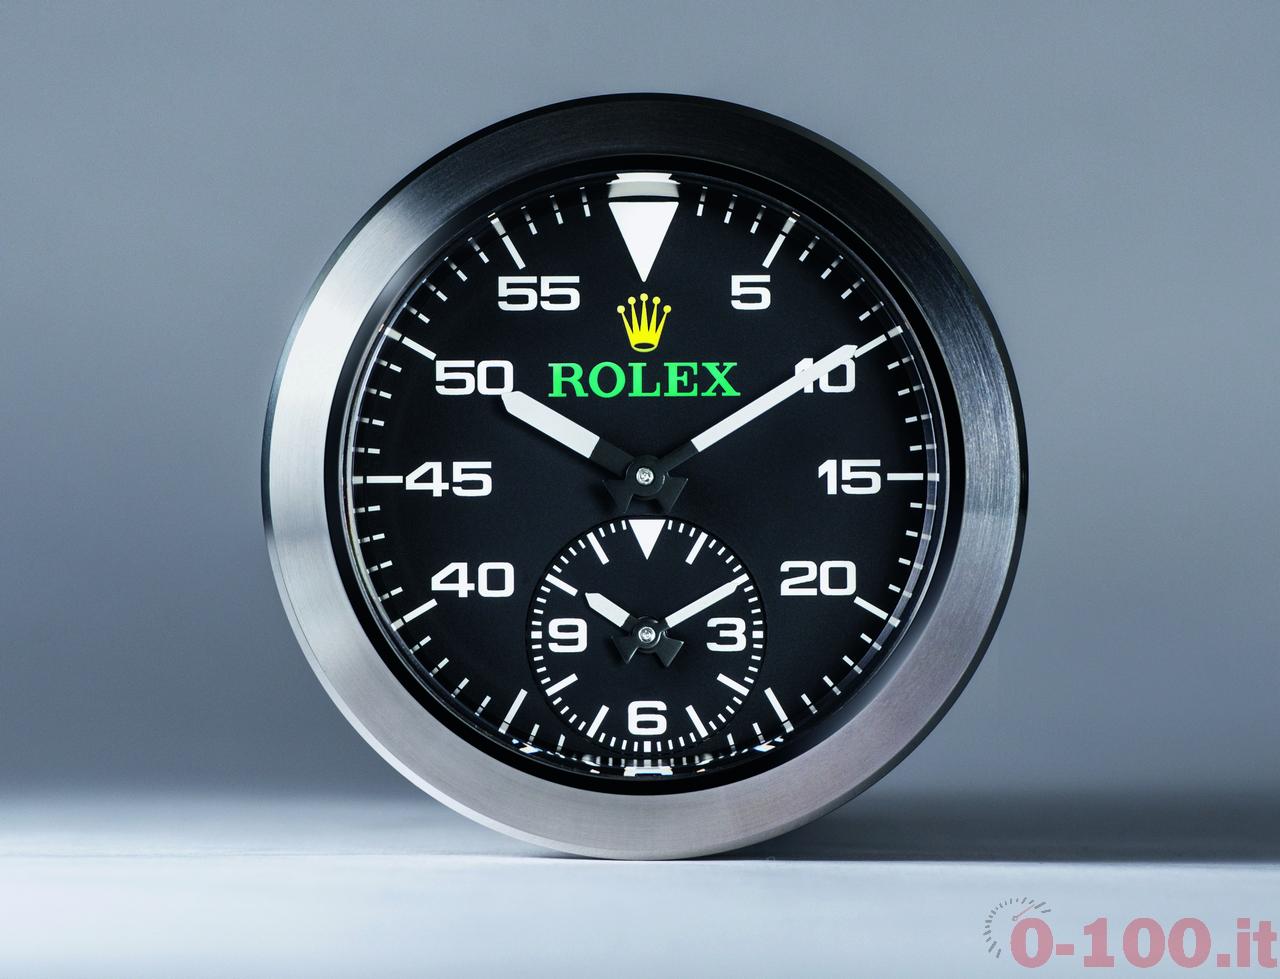 la-supersonica-bloodhound-ssc-con-cruscotto-rolex-record-mondiale-di-velocita-terrestre _0-1006